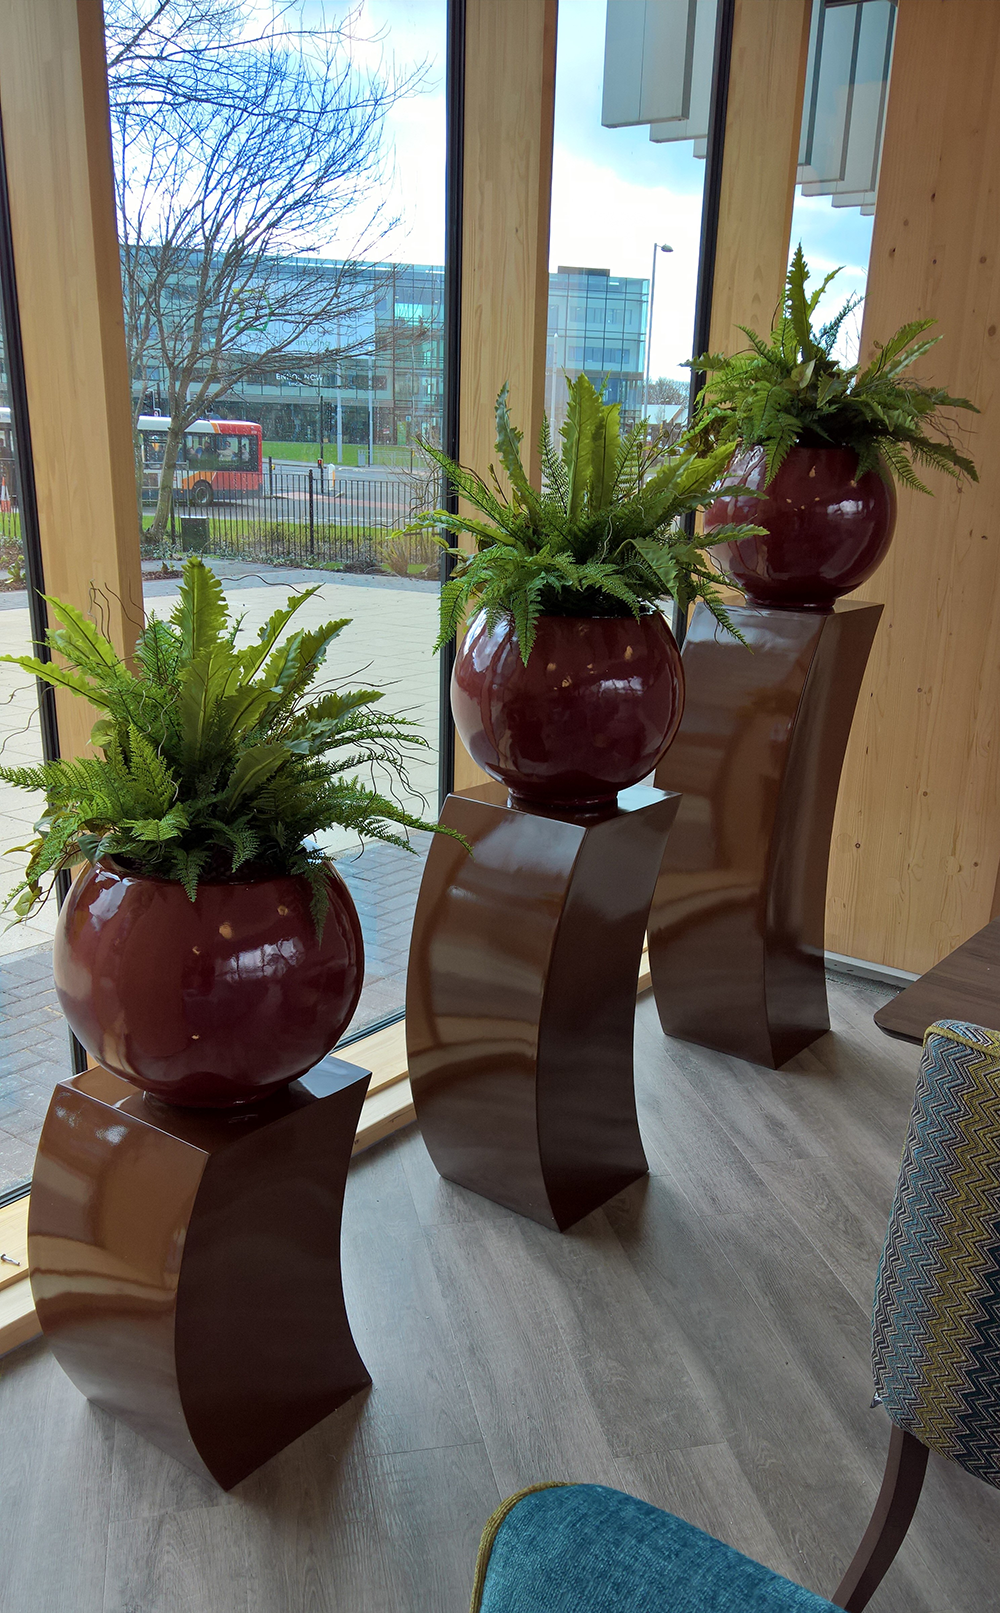 pedestals-with-big-bowls.png